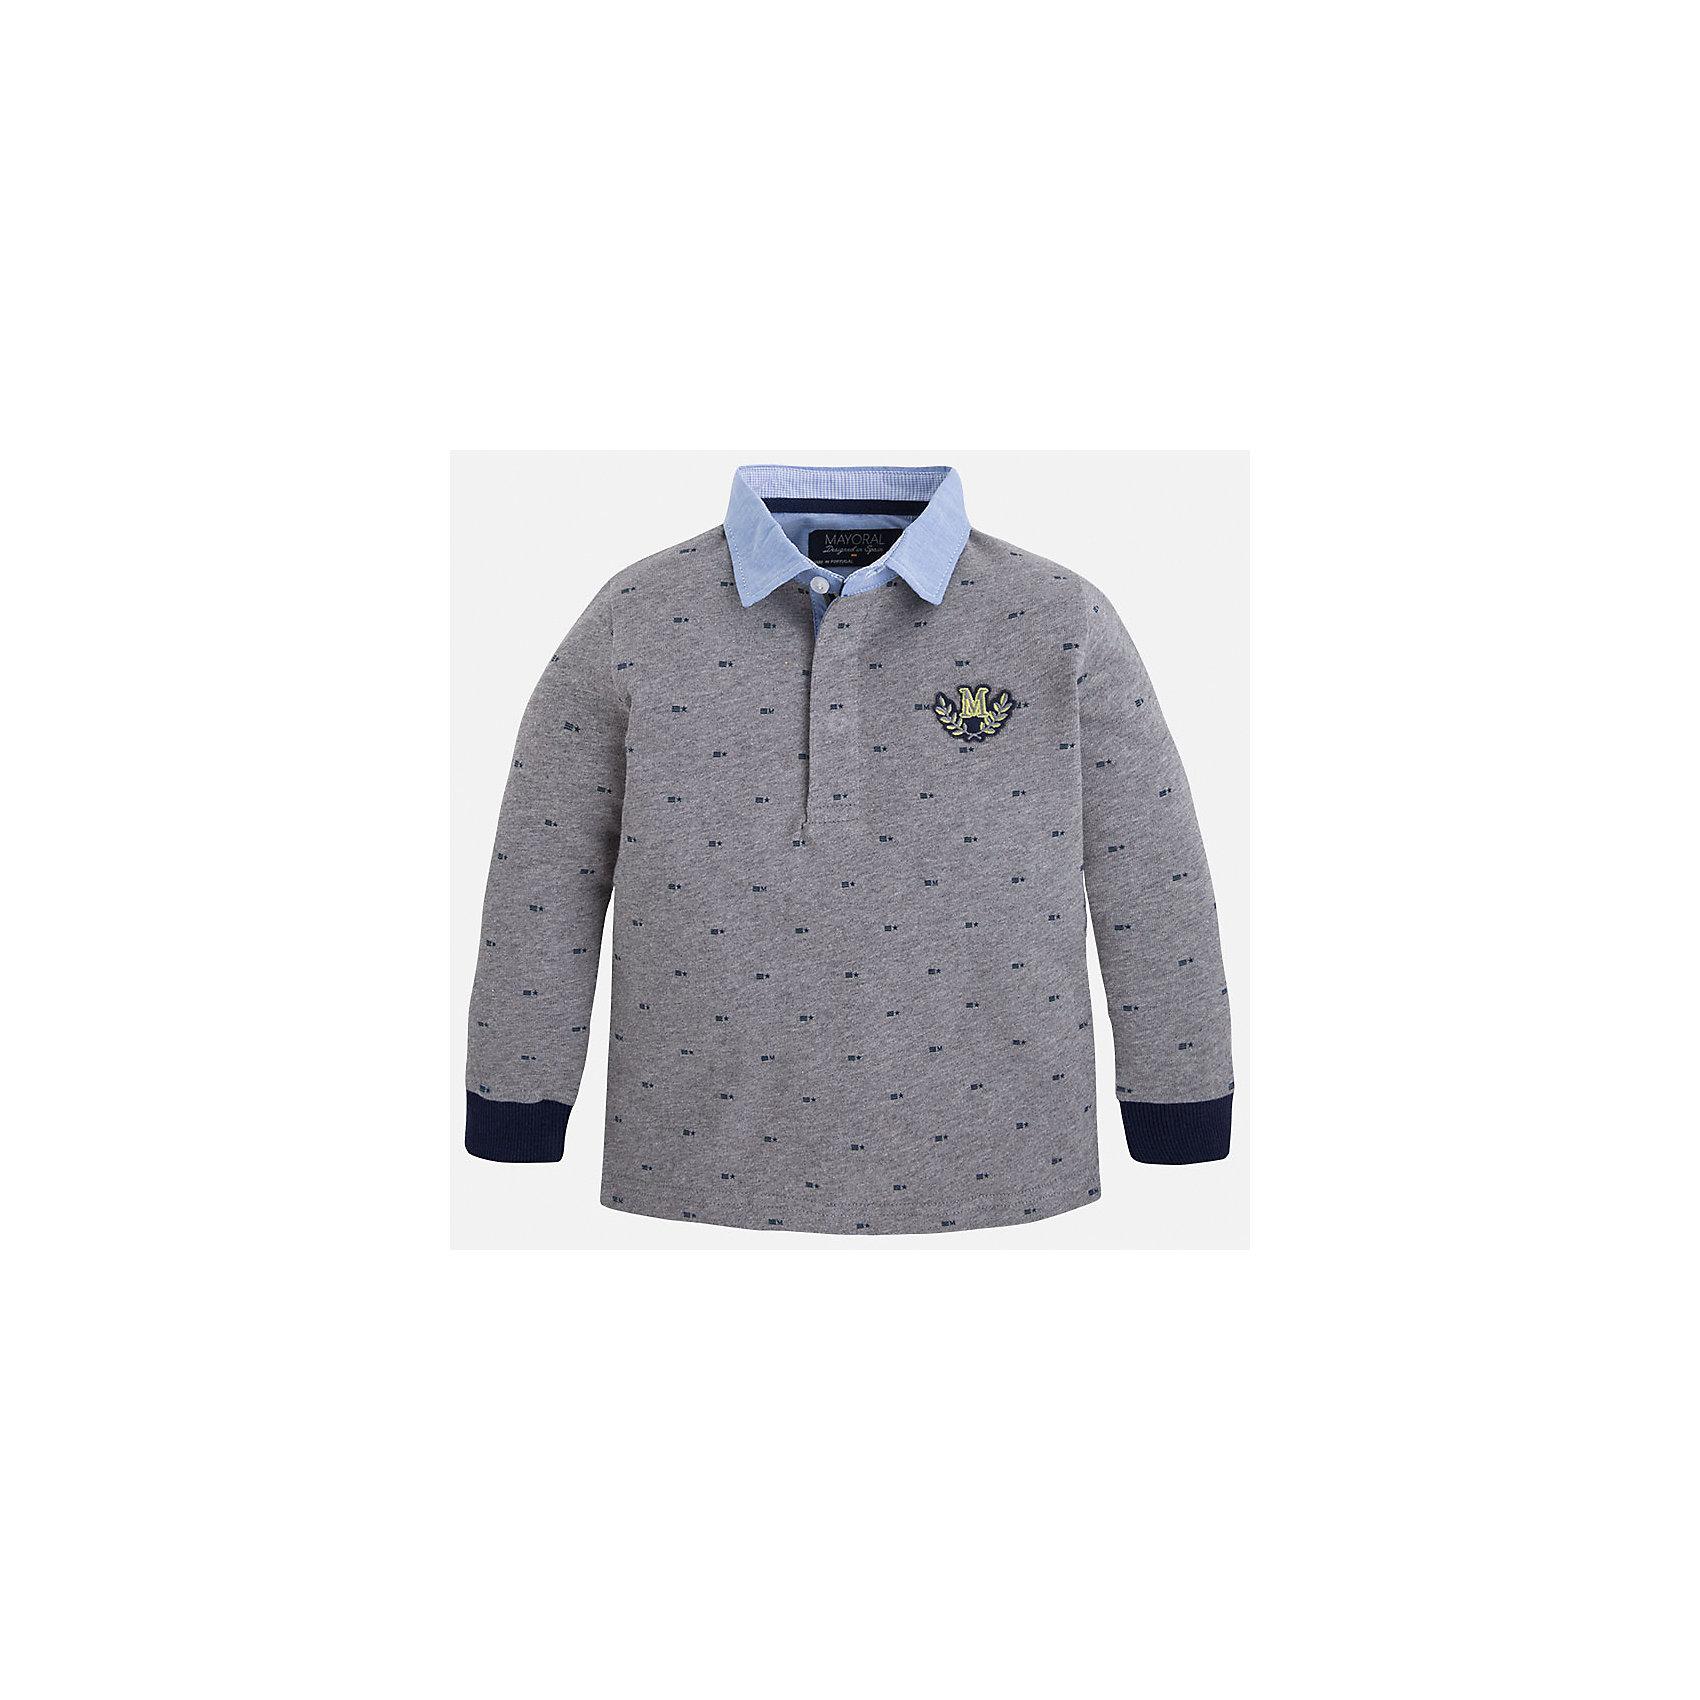 Футболка-поло с длинным рукавом для мальчика MayoralФутболки с длинным рукавом<br>Рубашка-поло для мальчика Mayoral (Майорал) – это стильная, модная и практичная модель.<br>Элегантная рубашка-поло с длинными рукавами от известной испанской марки Mayoral (Майорал) выполненная из натурального хлопка, станет прекрасным дополнением гардероба вашего мальчика. Рубашка с воротником и манжетами контрастных цветов декорирована логотипом производителя. Ворот застегивается на пуговицы, застежка скрыта. Комфортный прямой крой гарантирует свободу движений.<br><br>Дополнительная информация:<br><br>- Цвет: серый, голубой, синий<br>- Состав: 100% хлопок<br>- Уход: бережная стирка при 30 градусах<br><br>Рубашку-поло для мальчика Mayoral (Майорал) можно купить в нашем интернет-магазине.<br><br>Ширина мм: 174<br>Глубина мм: 10<br>Высота мм: 169<br>Вес г: 157<br>Цвет: серый<br>Возраст от месяцев: 36<br>Возраст до месяцев: 48<br>Пол: Мужской<br>Возраст: Детский<br>Размер: 104,110,116,128,122,134,98<br>SKU: 4820937